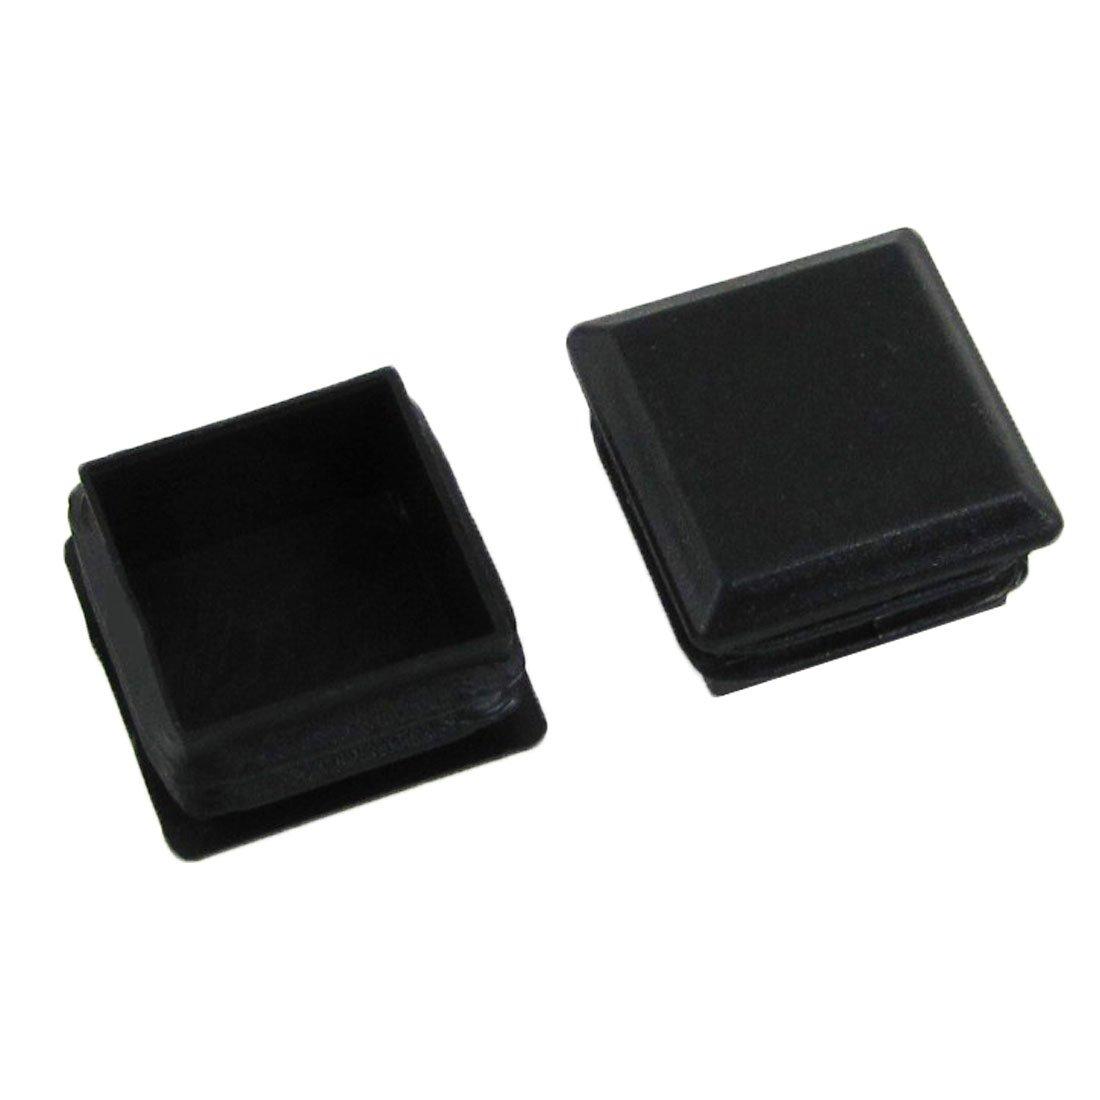 Flyshop Plastic Square Tube Inserts End Blanking Cap 30mm x 30mm 10 Pcs Black